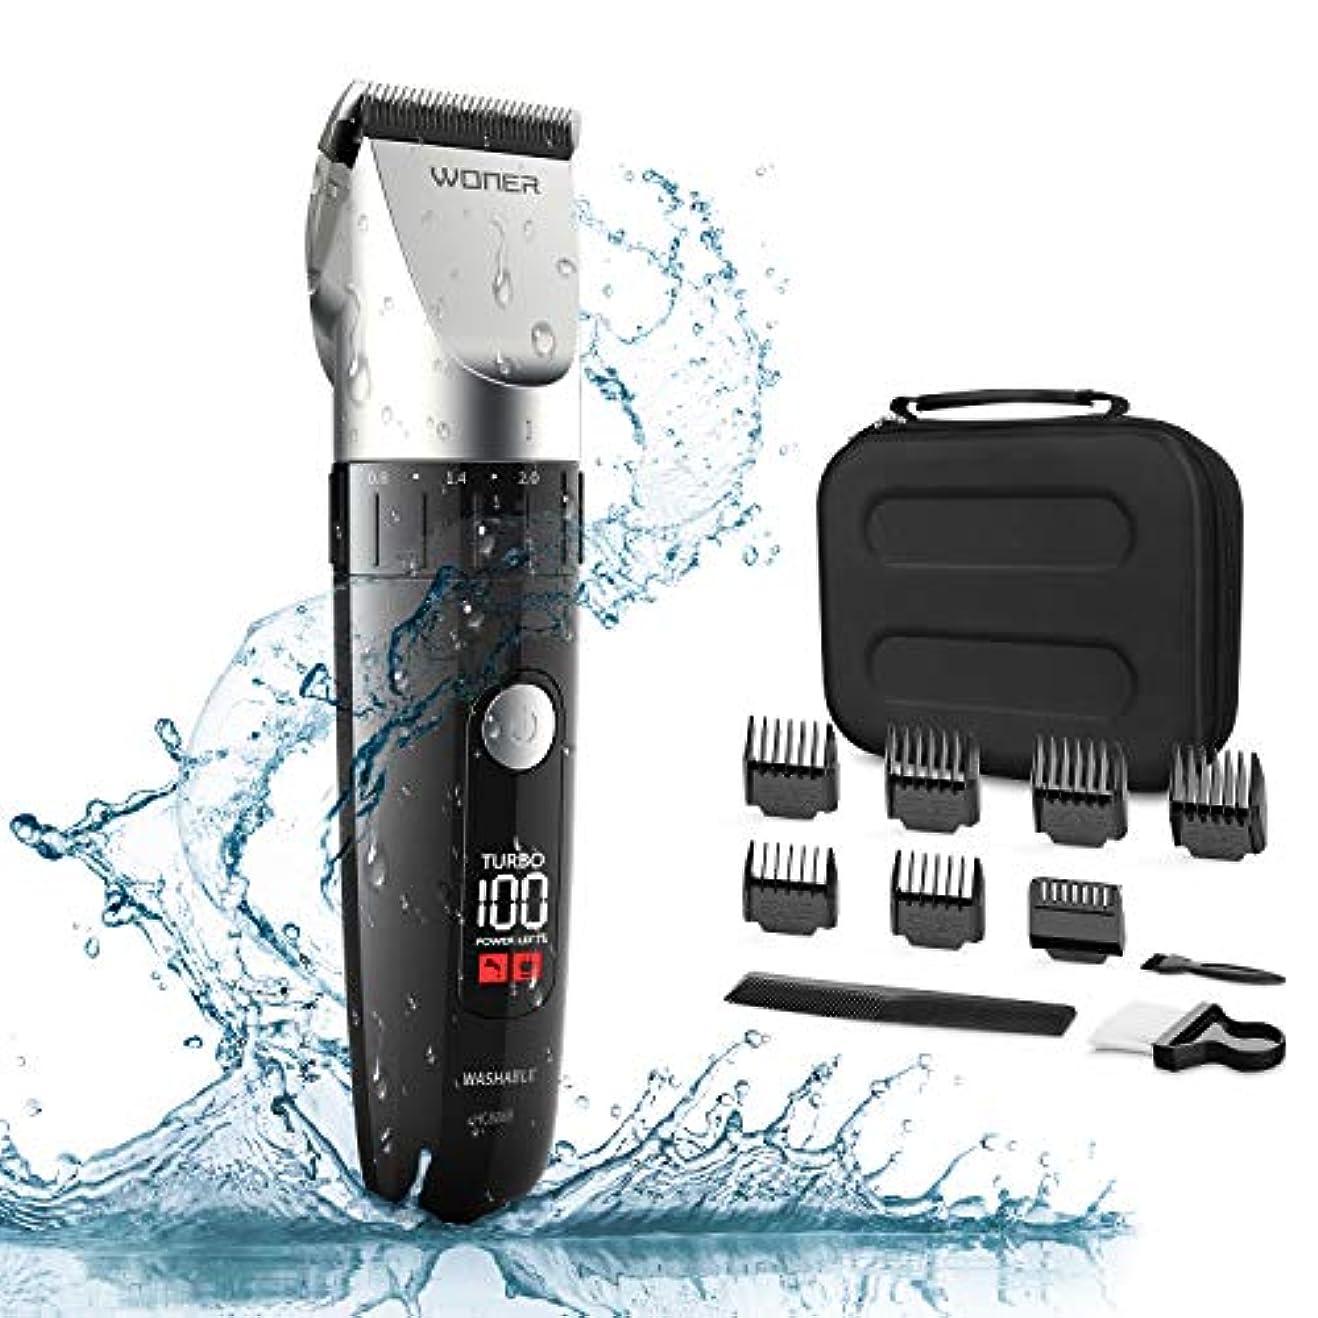 きつく計算フォアタイプWONER 電動バリカン IPX7防水 ヘアクリッパー 充電式 ばりかん LED 5段階調節可能 ヘアーカッター 家庭用?業務用